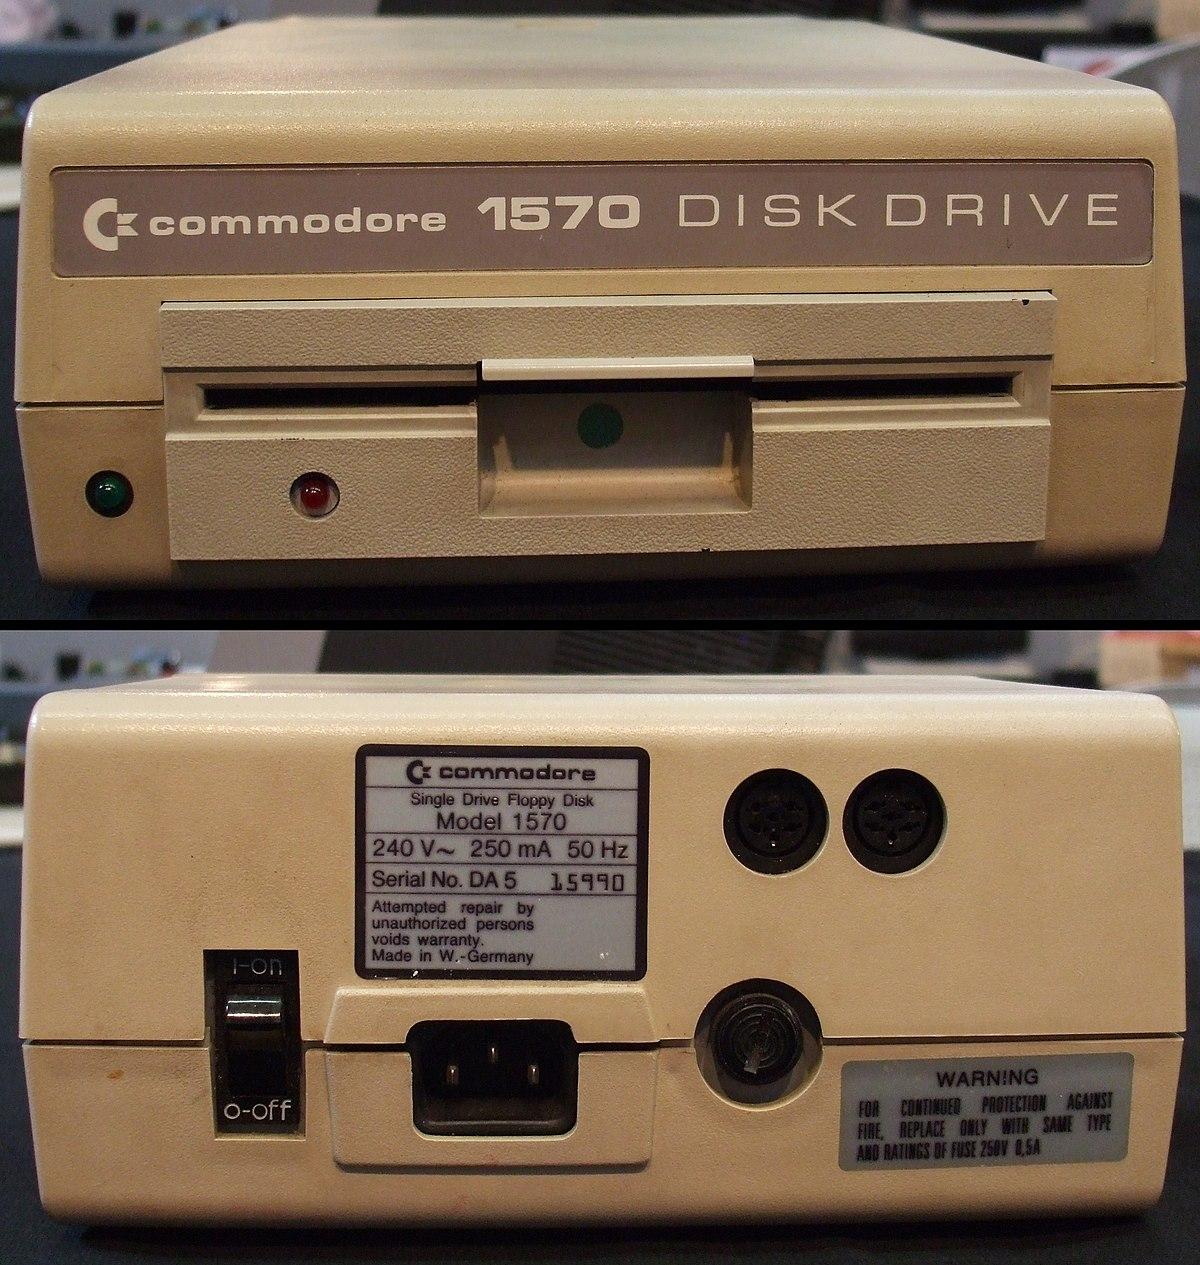 Commodore 1570